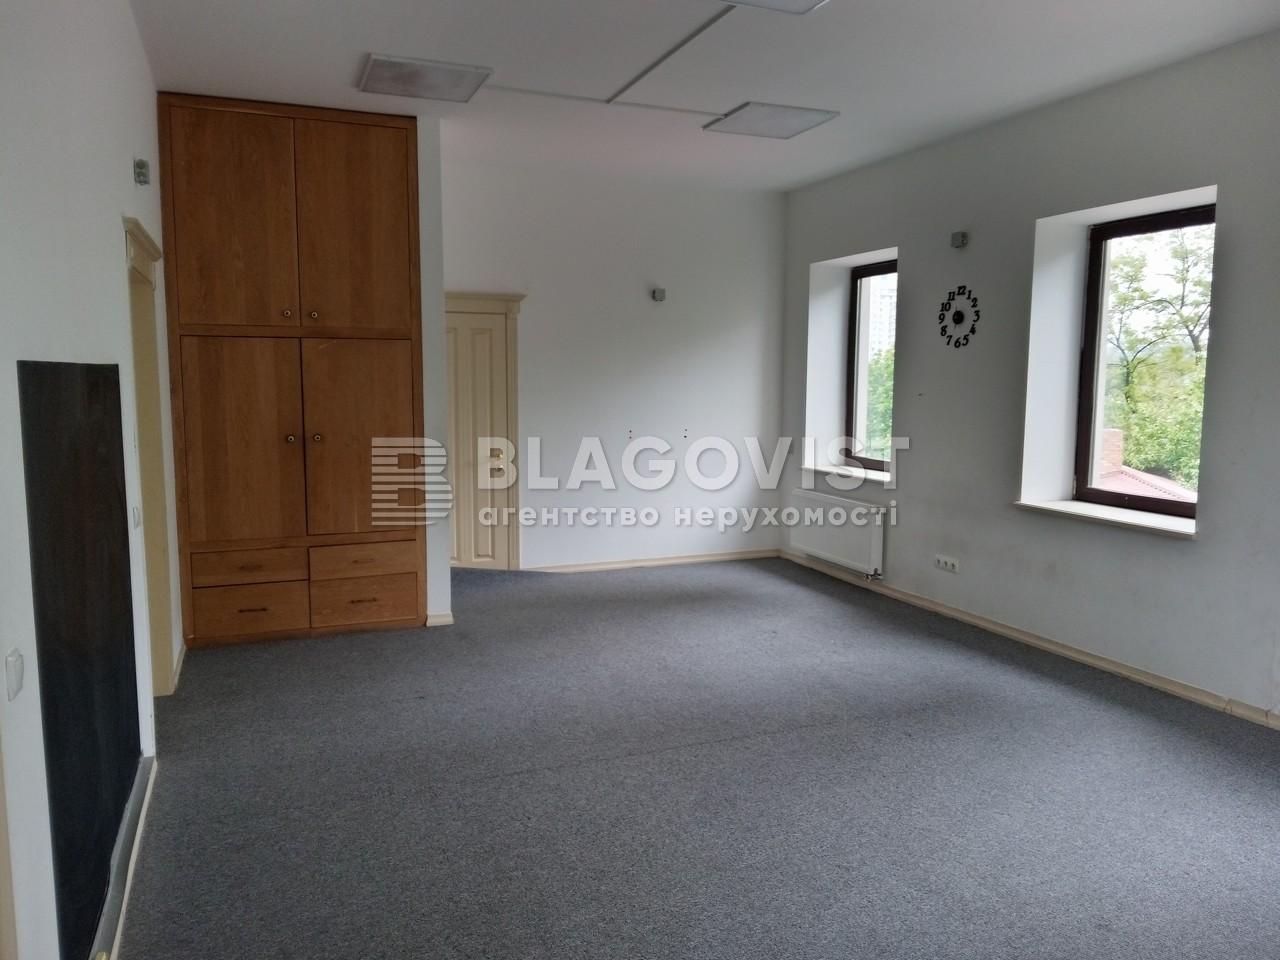 Будинок R-40483, Монтажників, Київ - Фото 8